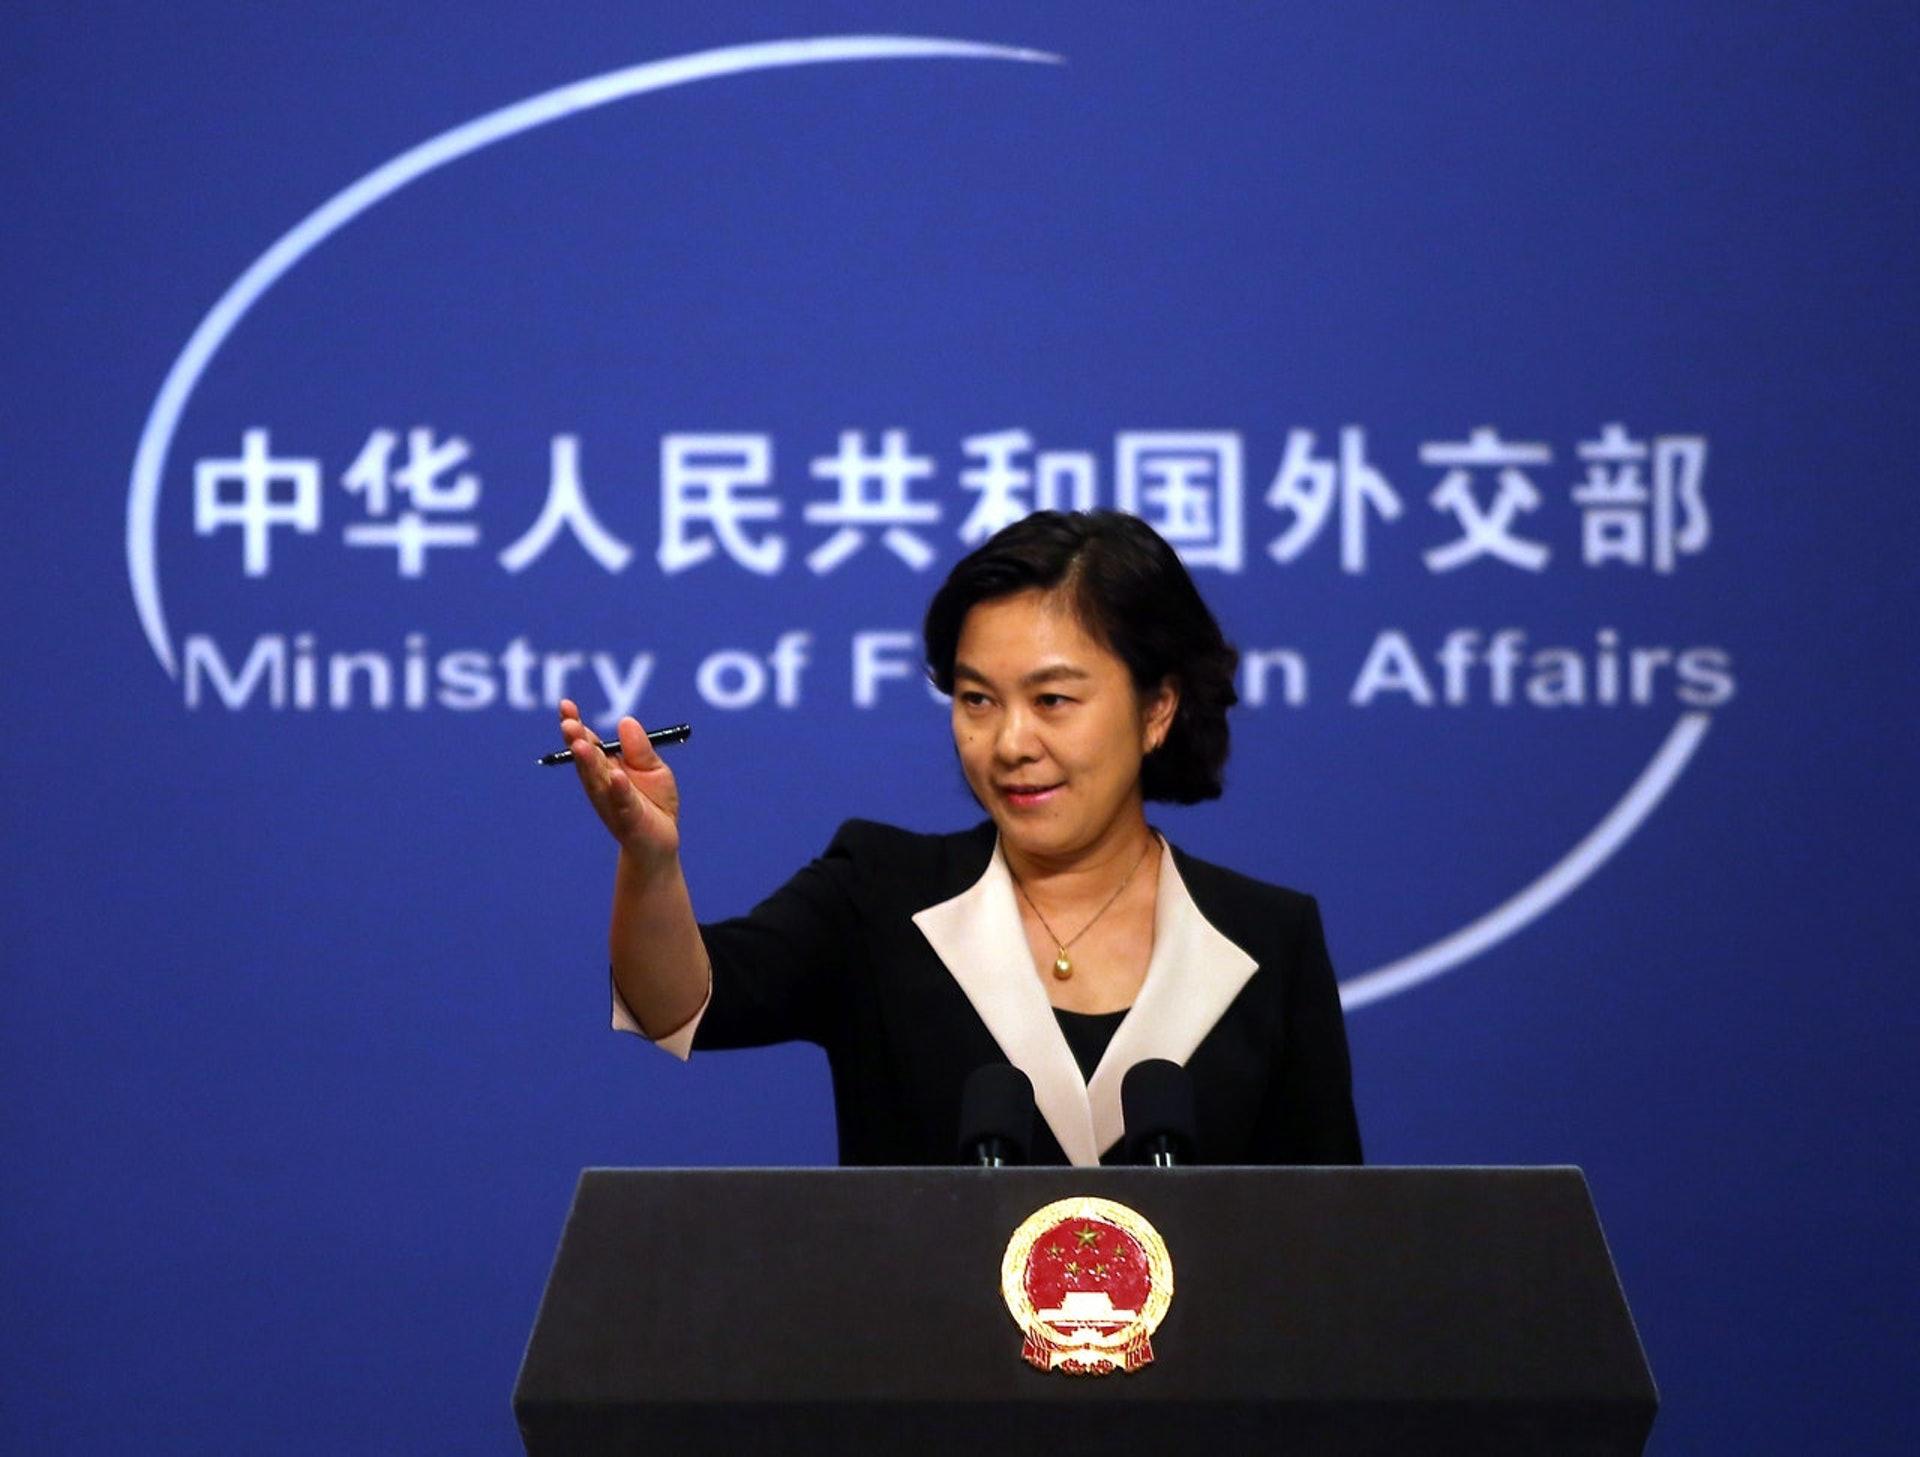 马斯克称中国较美更关心人民福祉 华春莹微笑夸奖